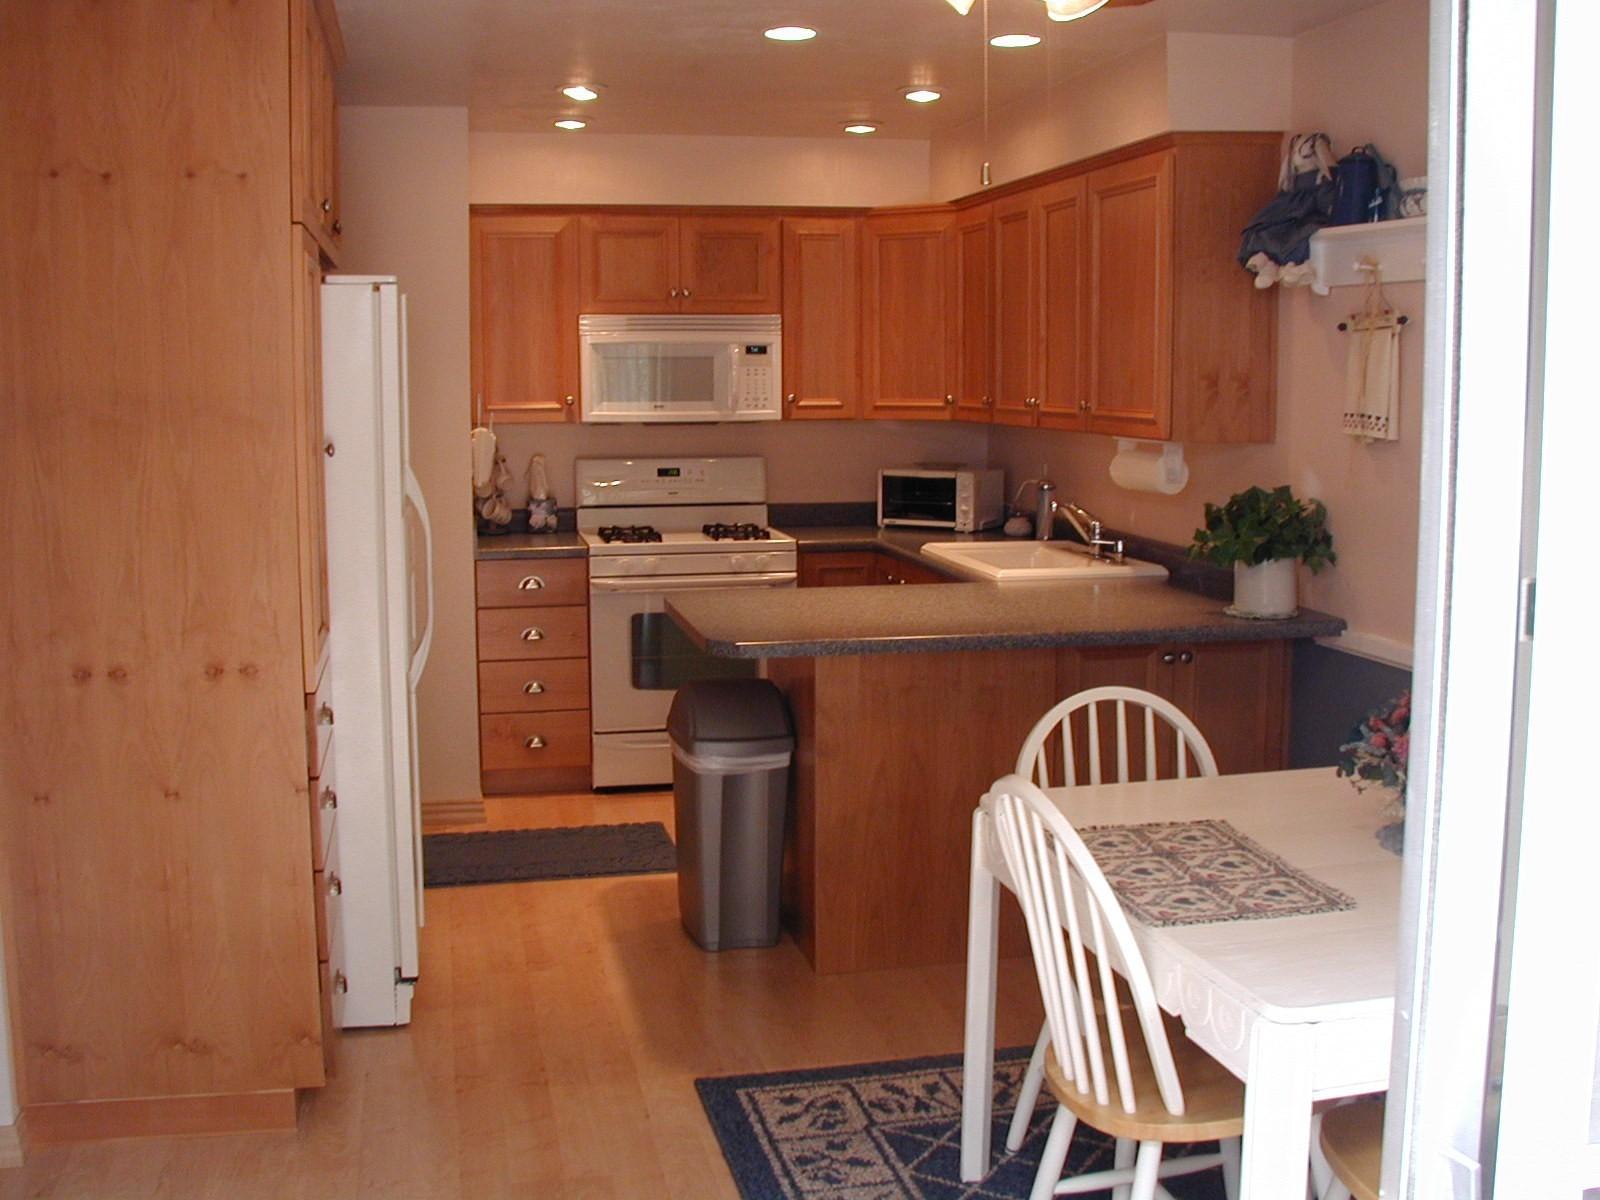 kitchen cabinets 2 lowes kitchen flooring Kitchen cabinets kitchen 3